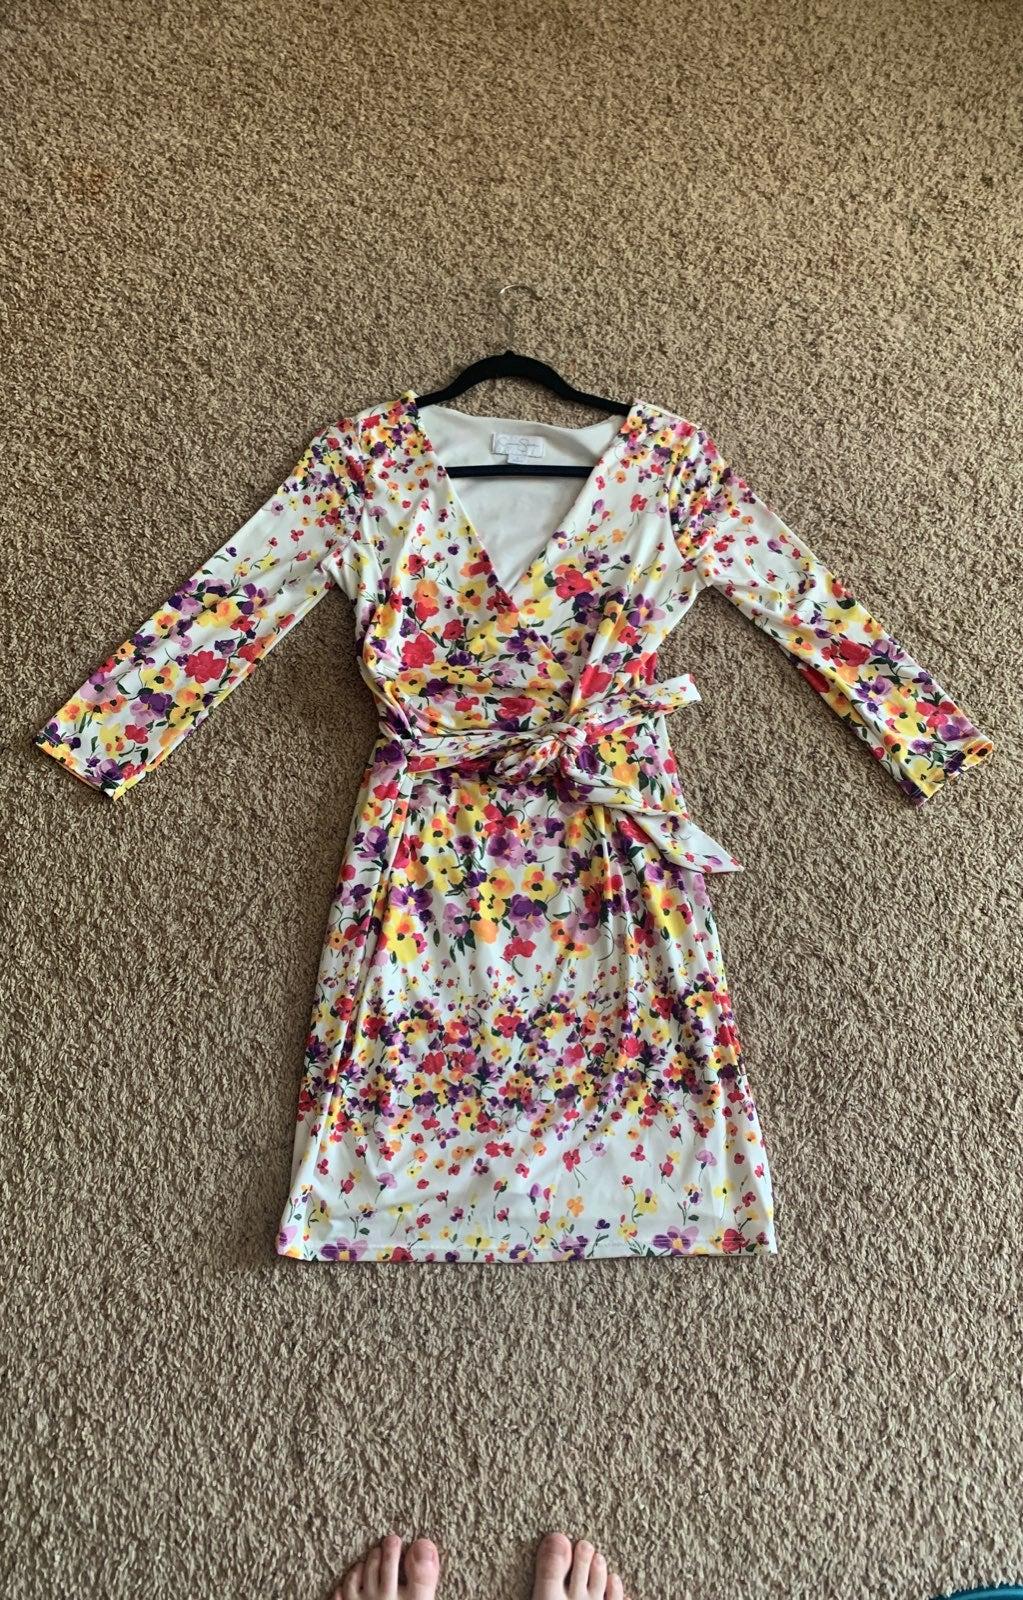 Jessica simpson dress 4